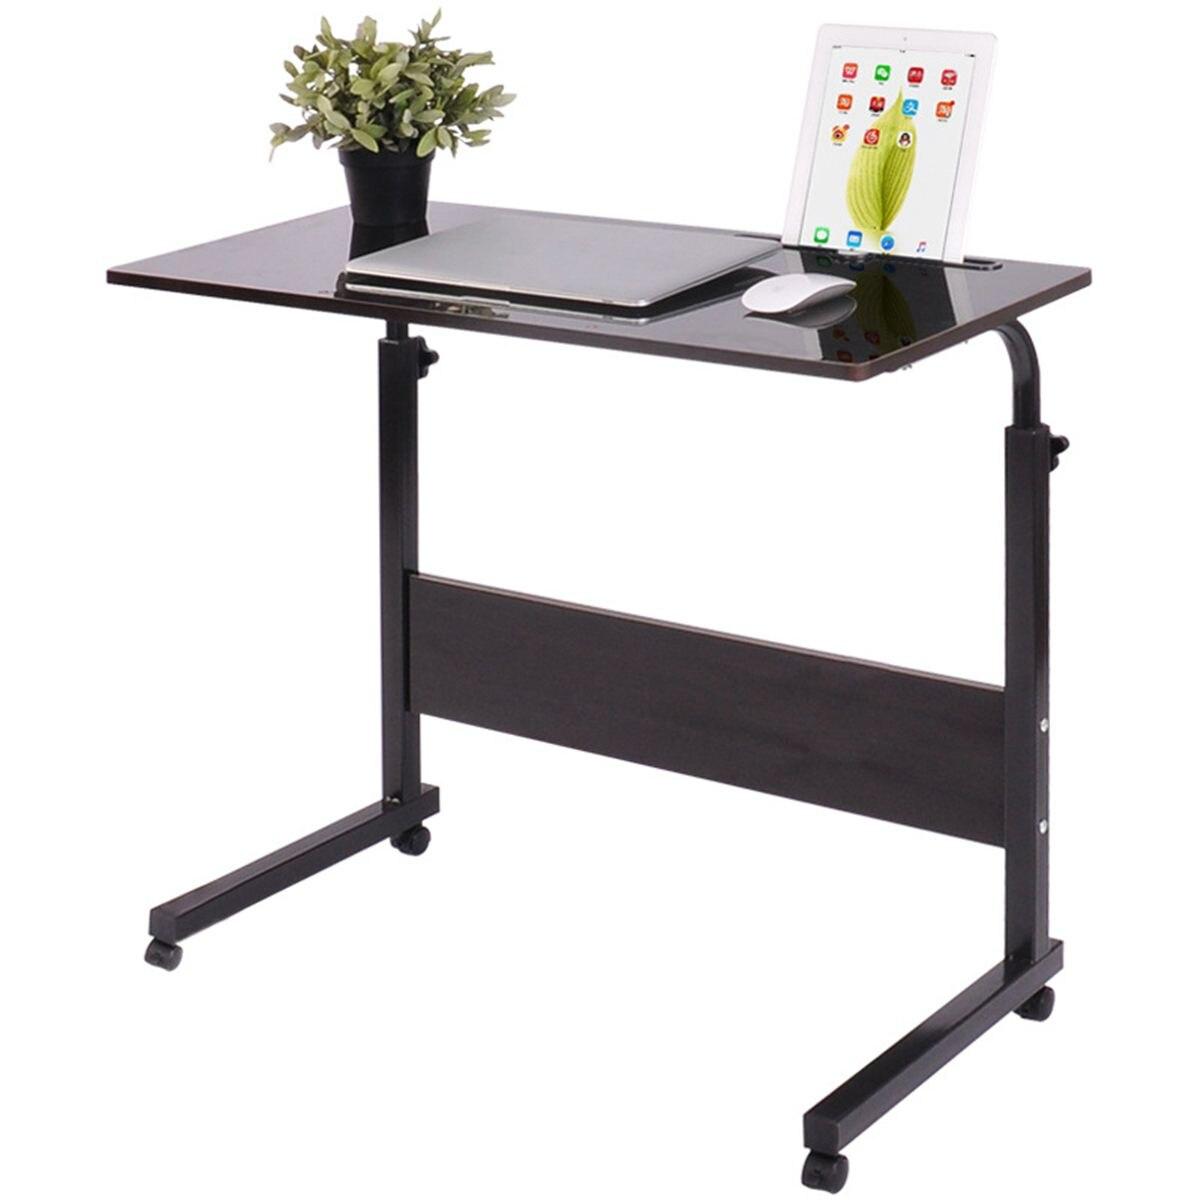 Стол компьютерный регулируемый, прикроватный столик с подставкой, портативный, для ноутбука, для дома и офиса